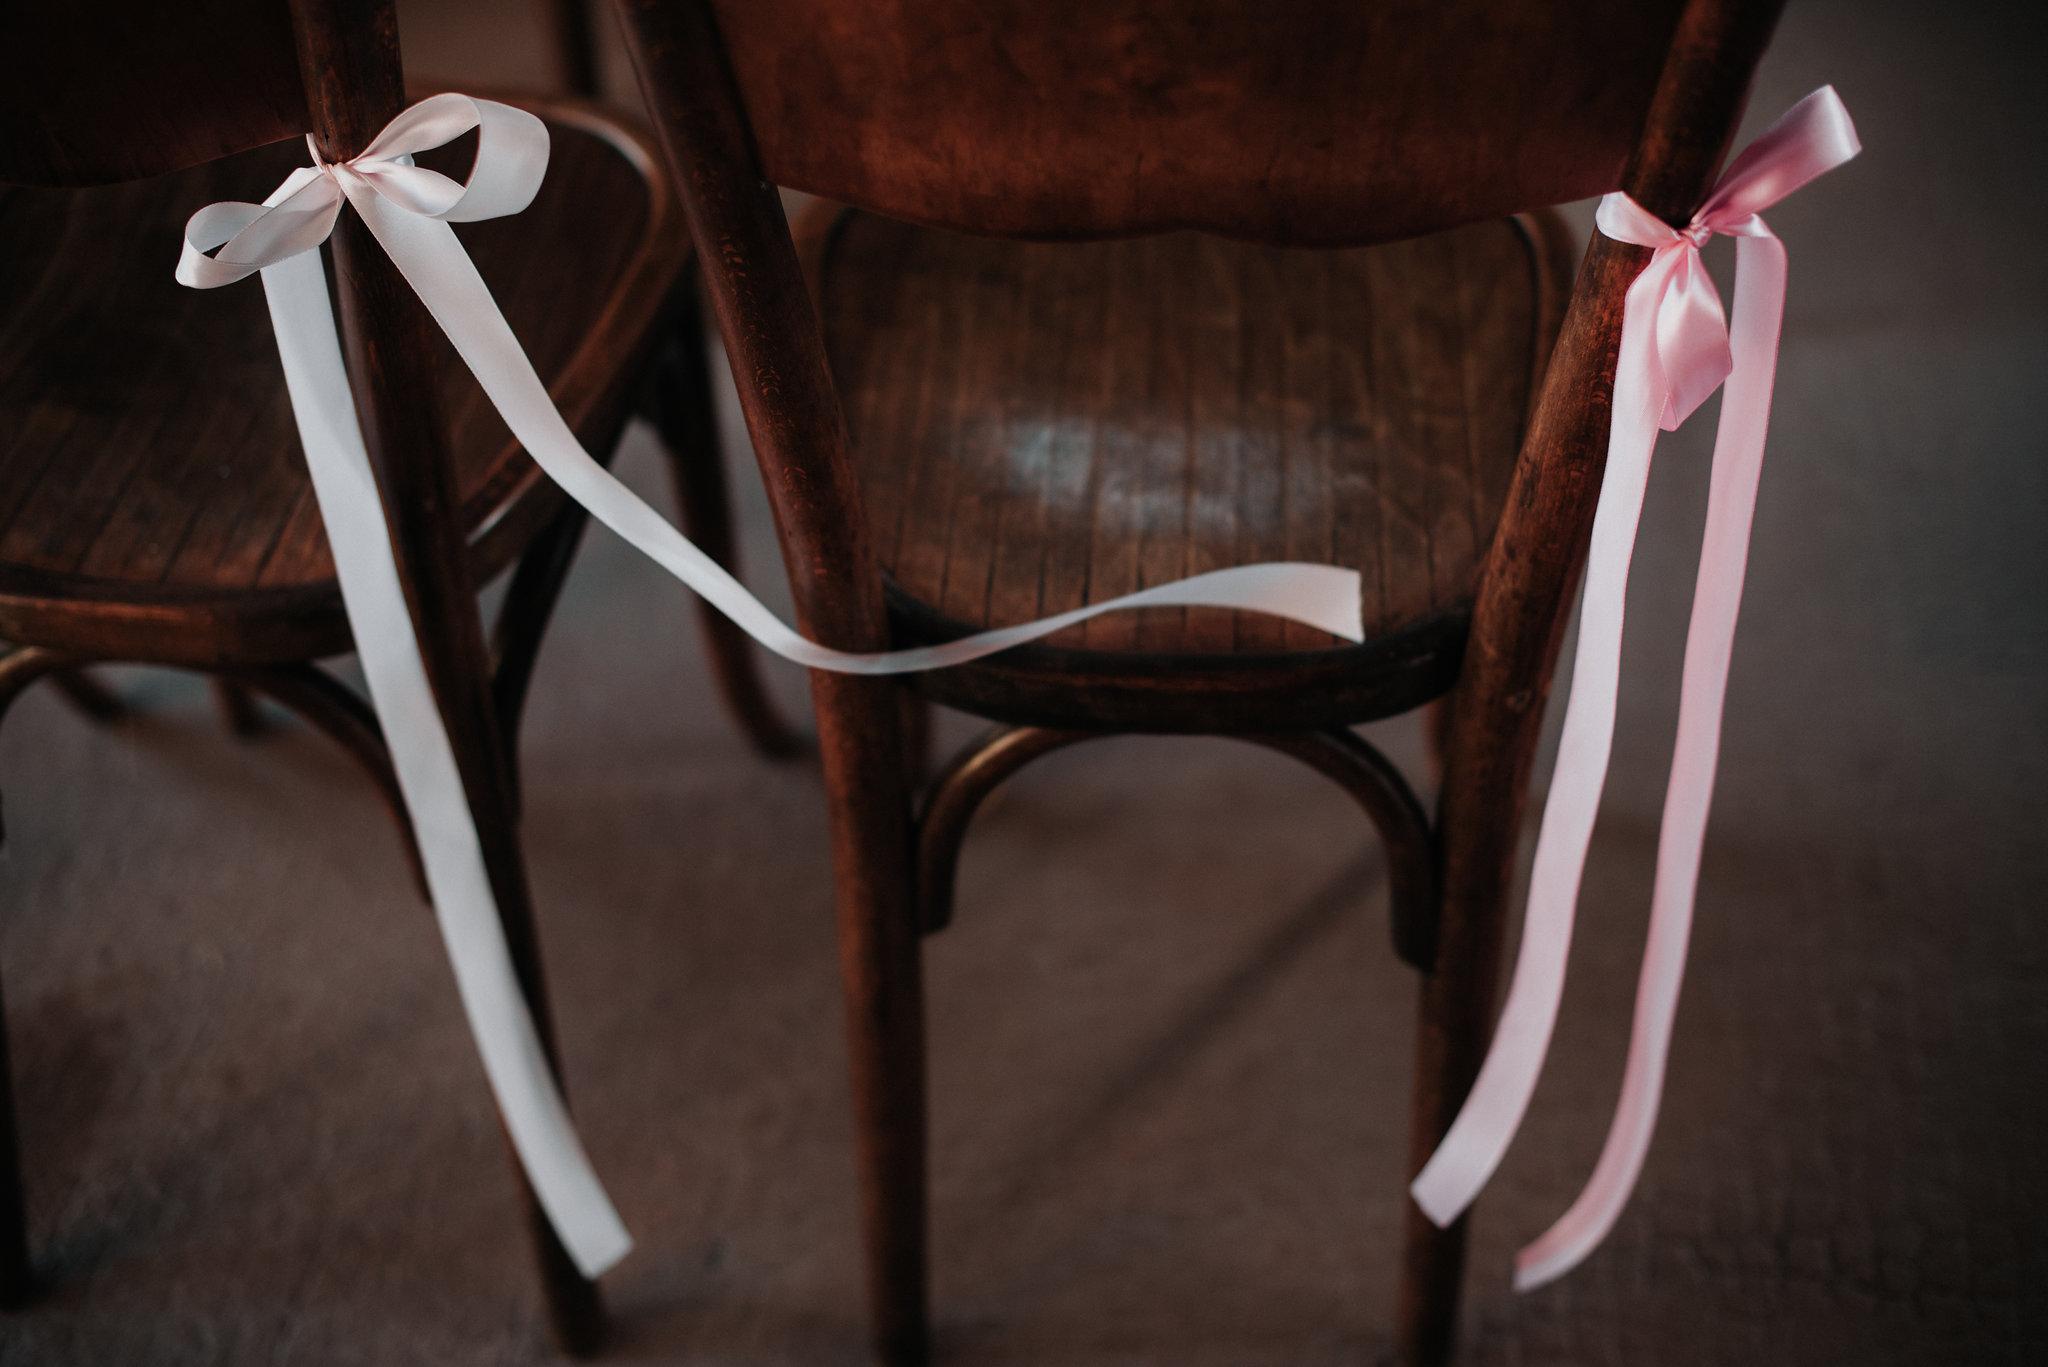 Léa-Fery-photographe-professionnel-lyon-rhone-alpes-portrait-creation-mariage-evenement-evenementiel-famille-2189.jpg